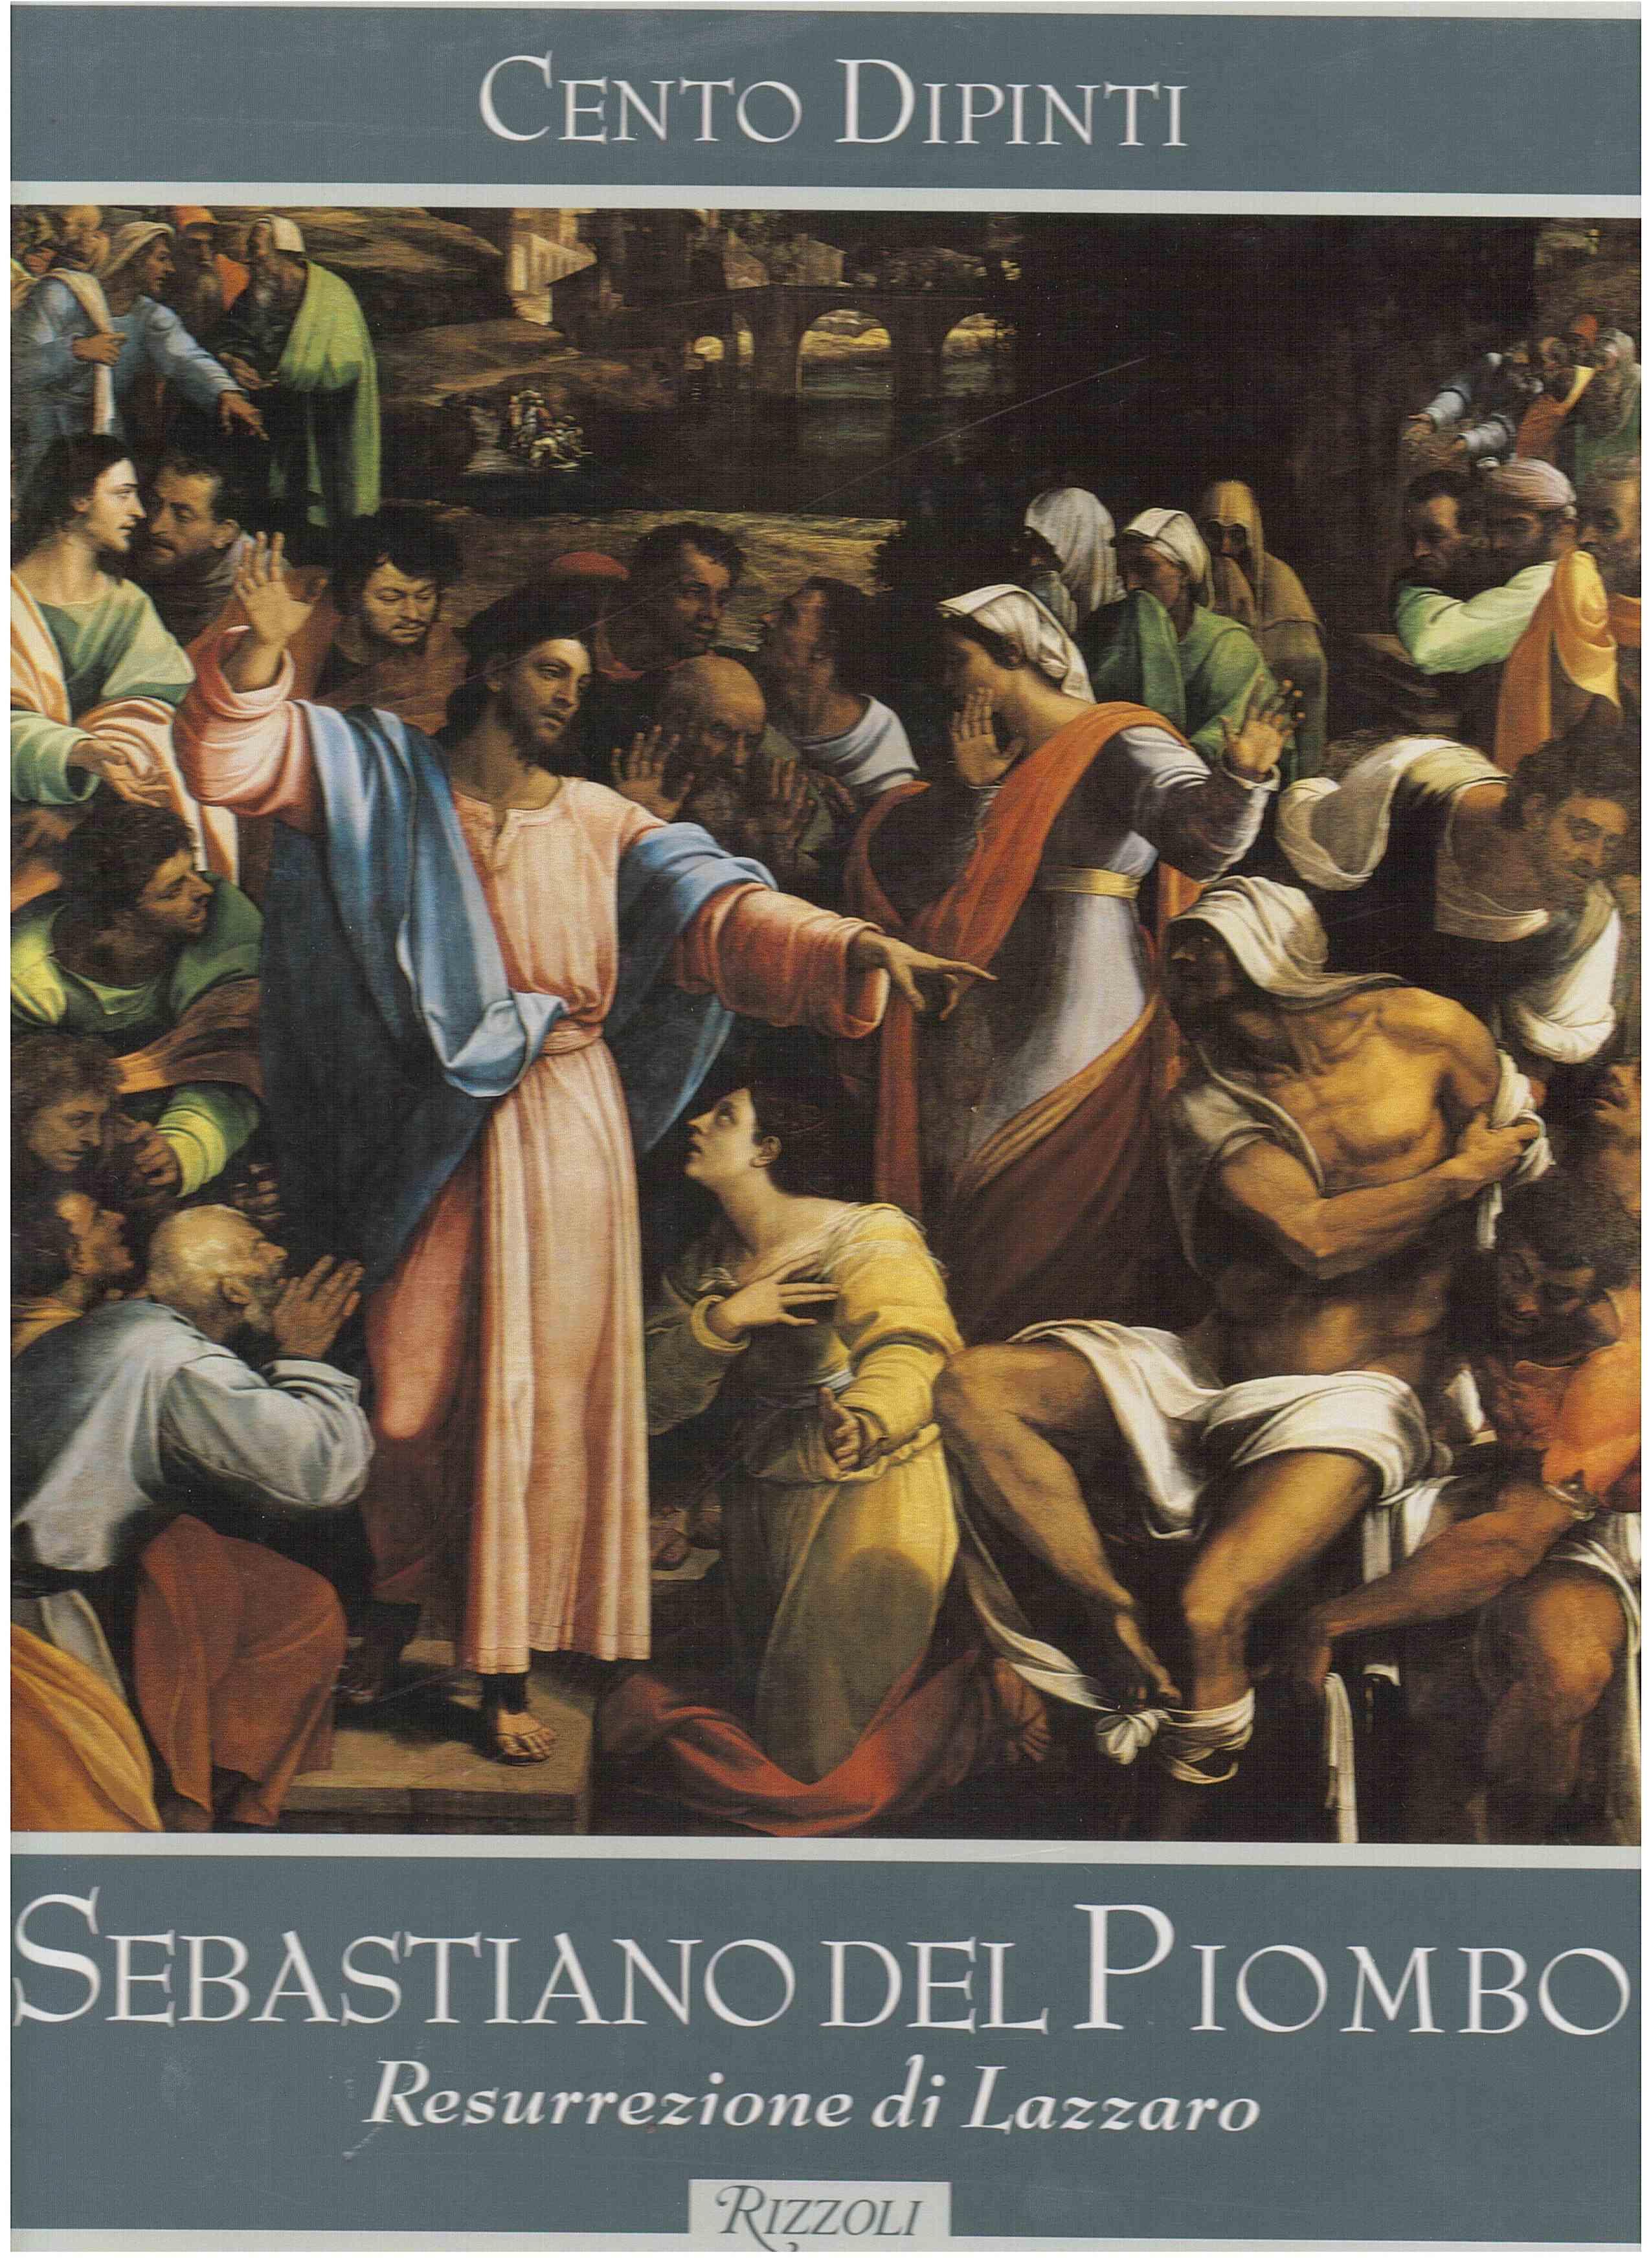 Sebastiano del piomb...